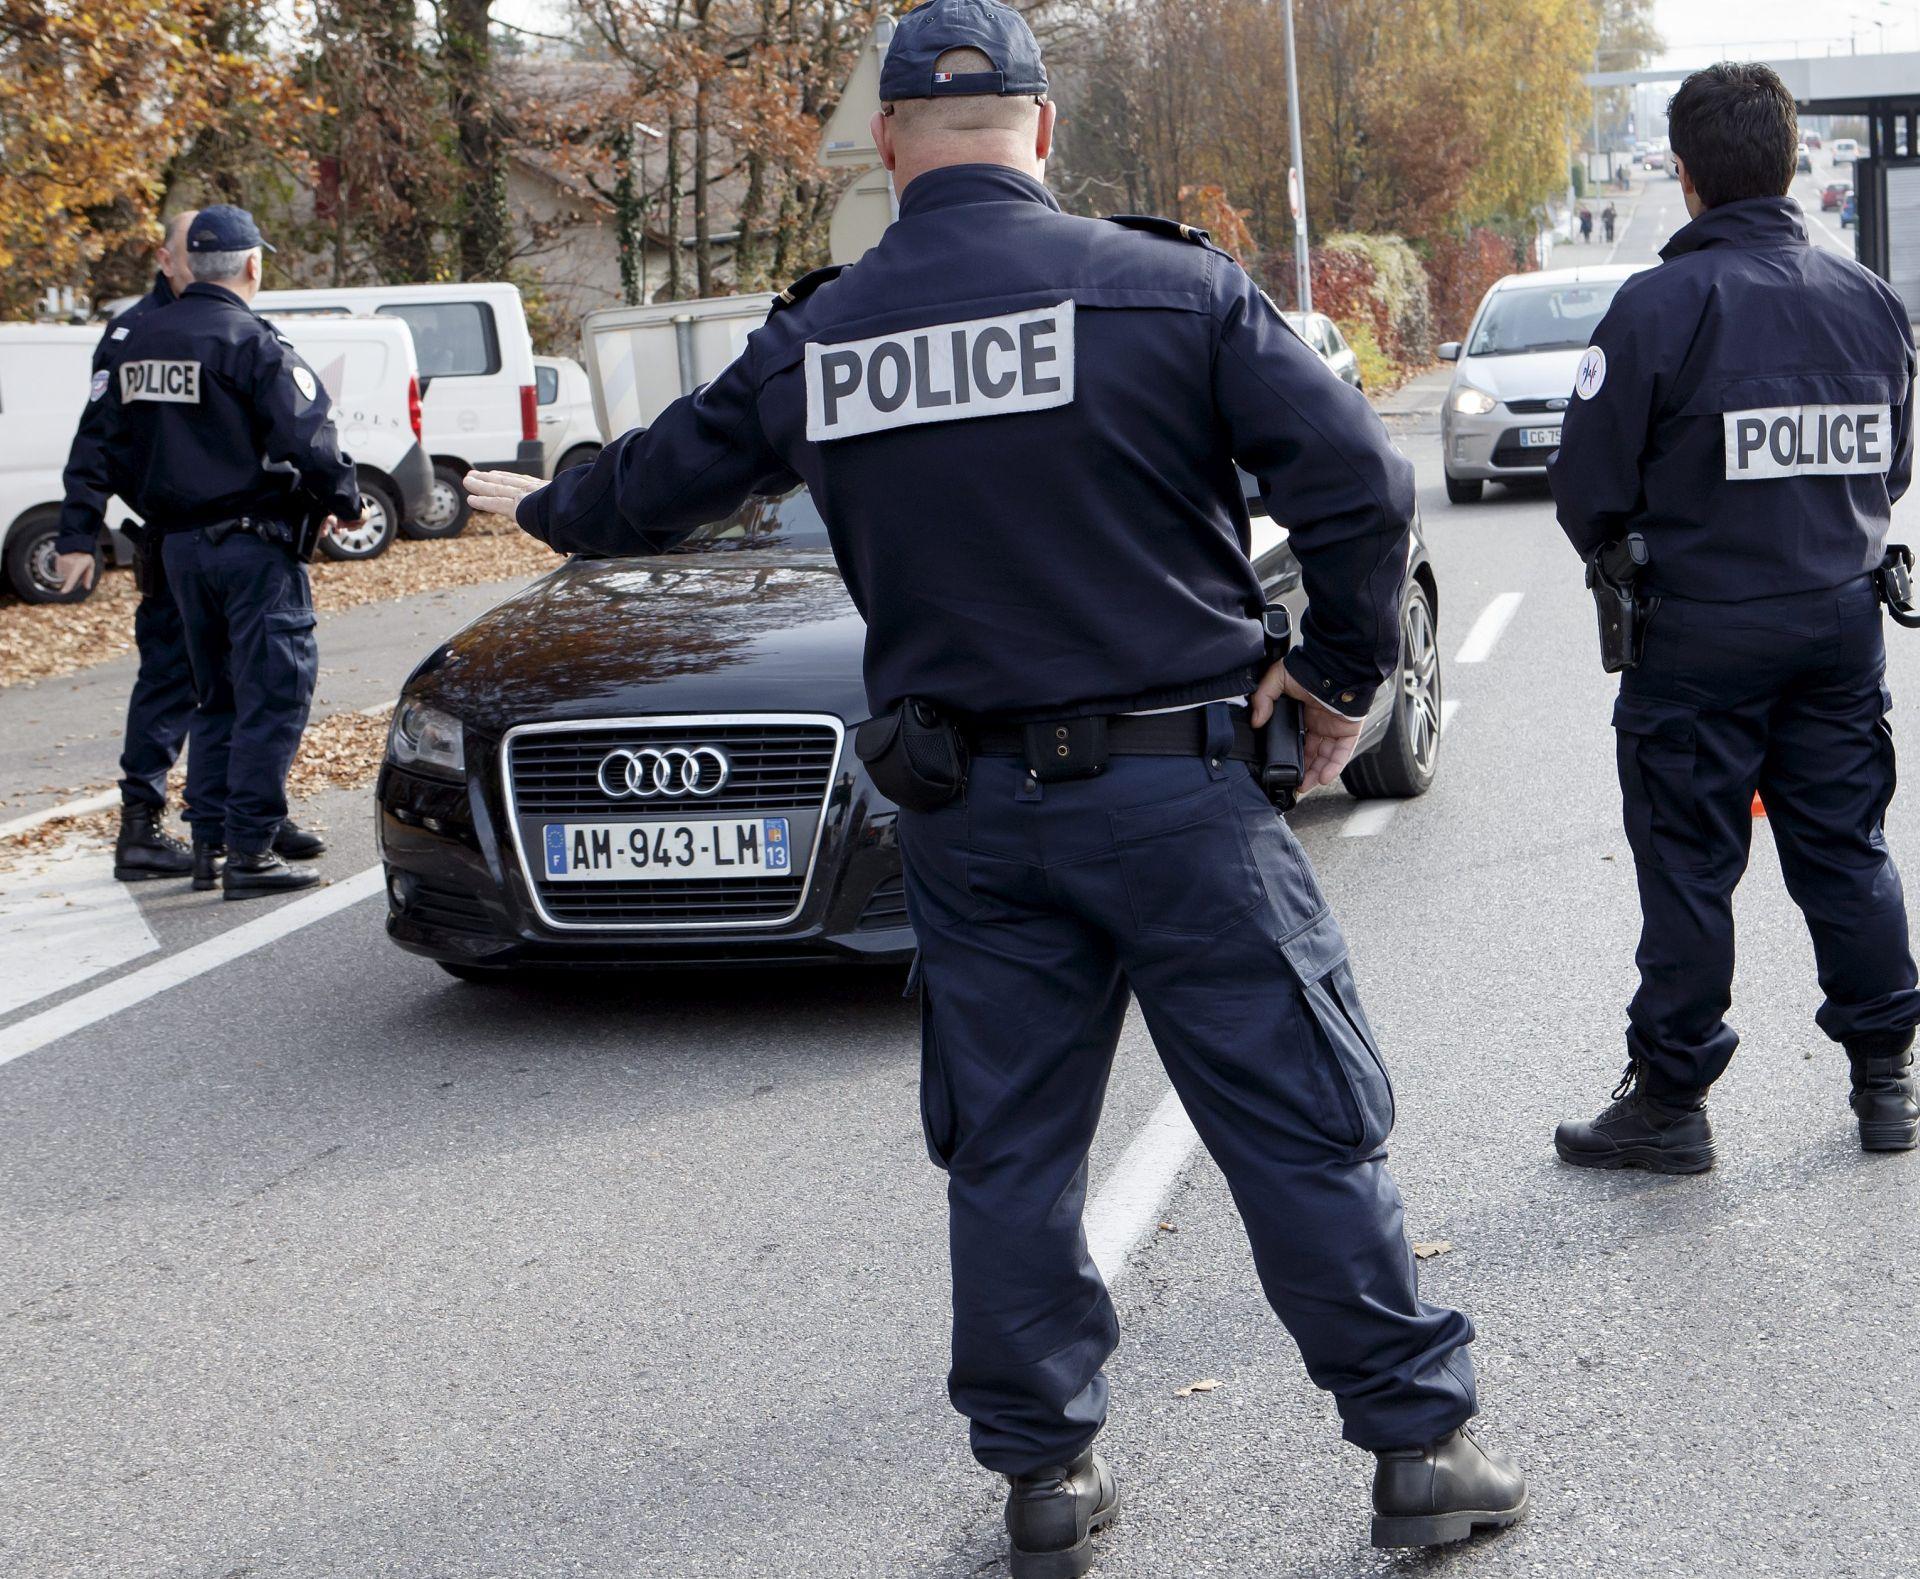 UHIĆENI U ŽENEVI: Kod dvojice Sirijaca pronađeni tragovi eksploziva u autu